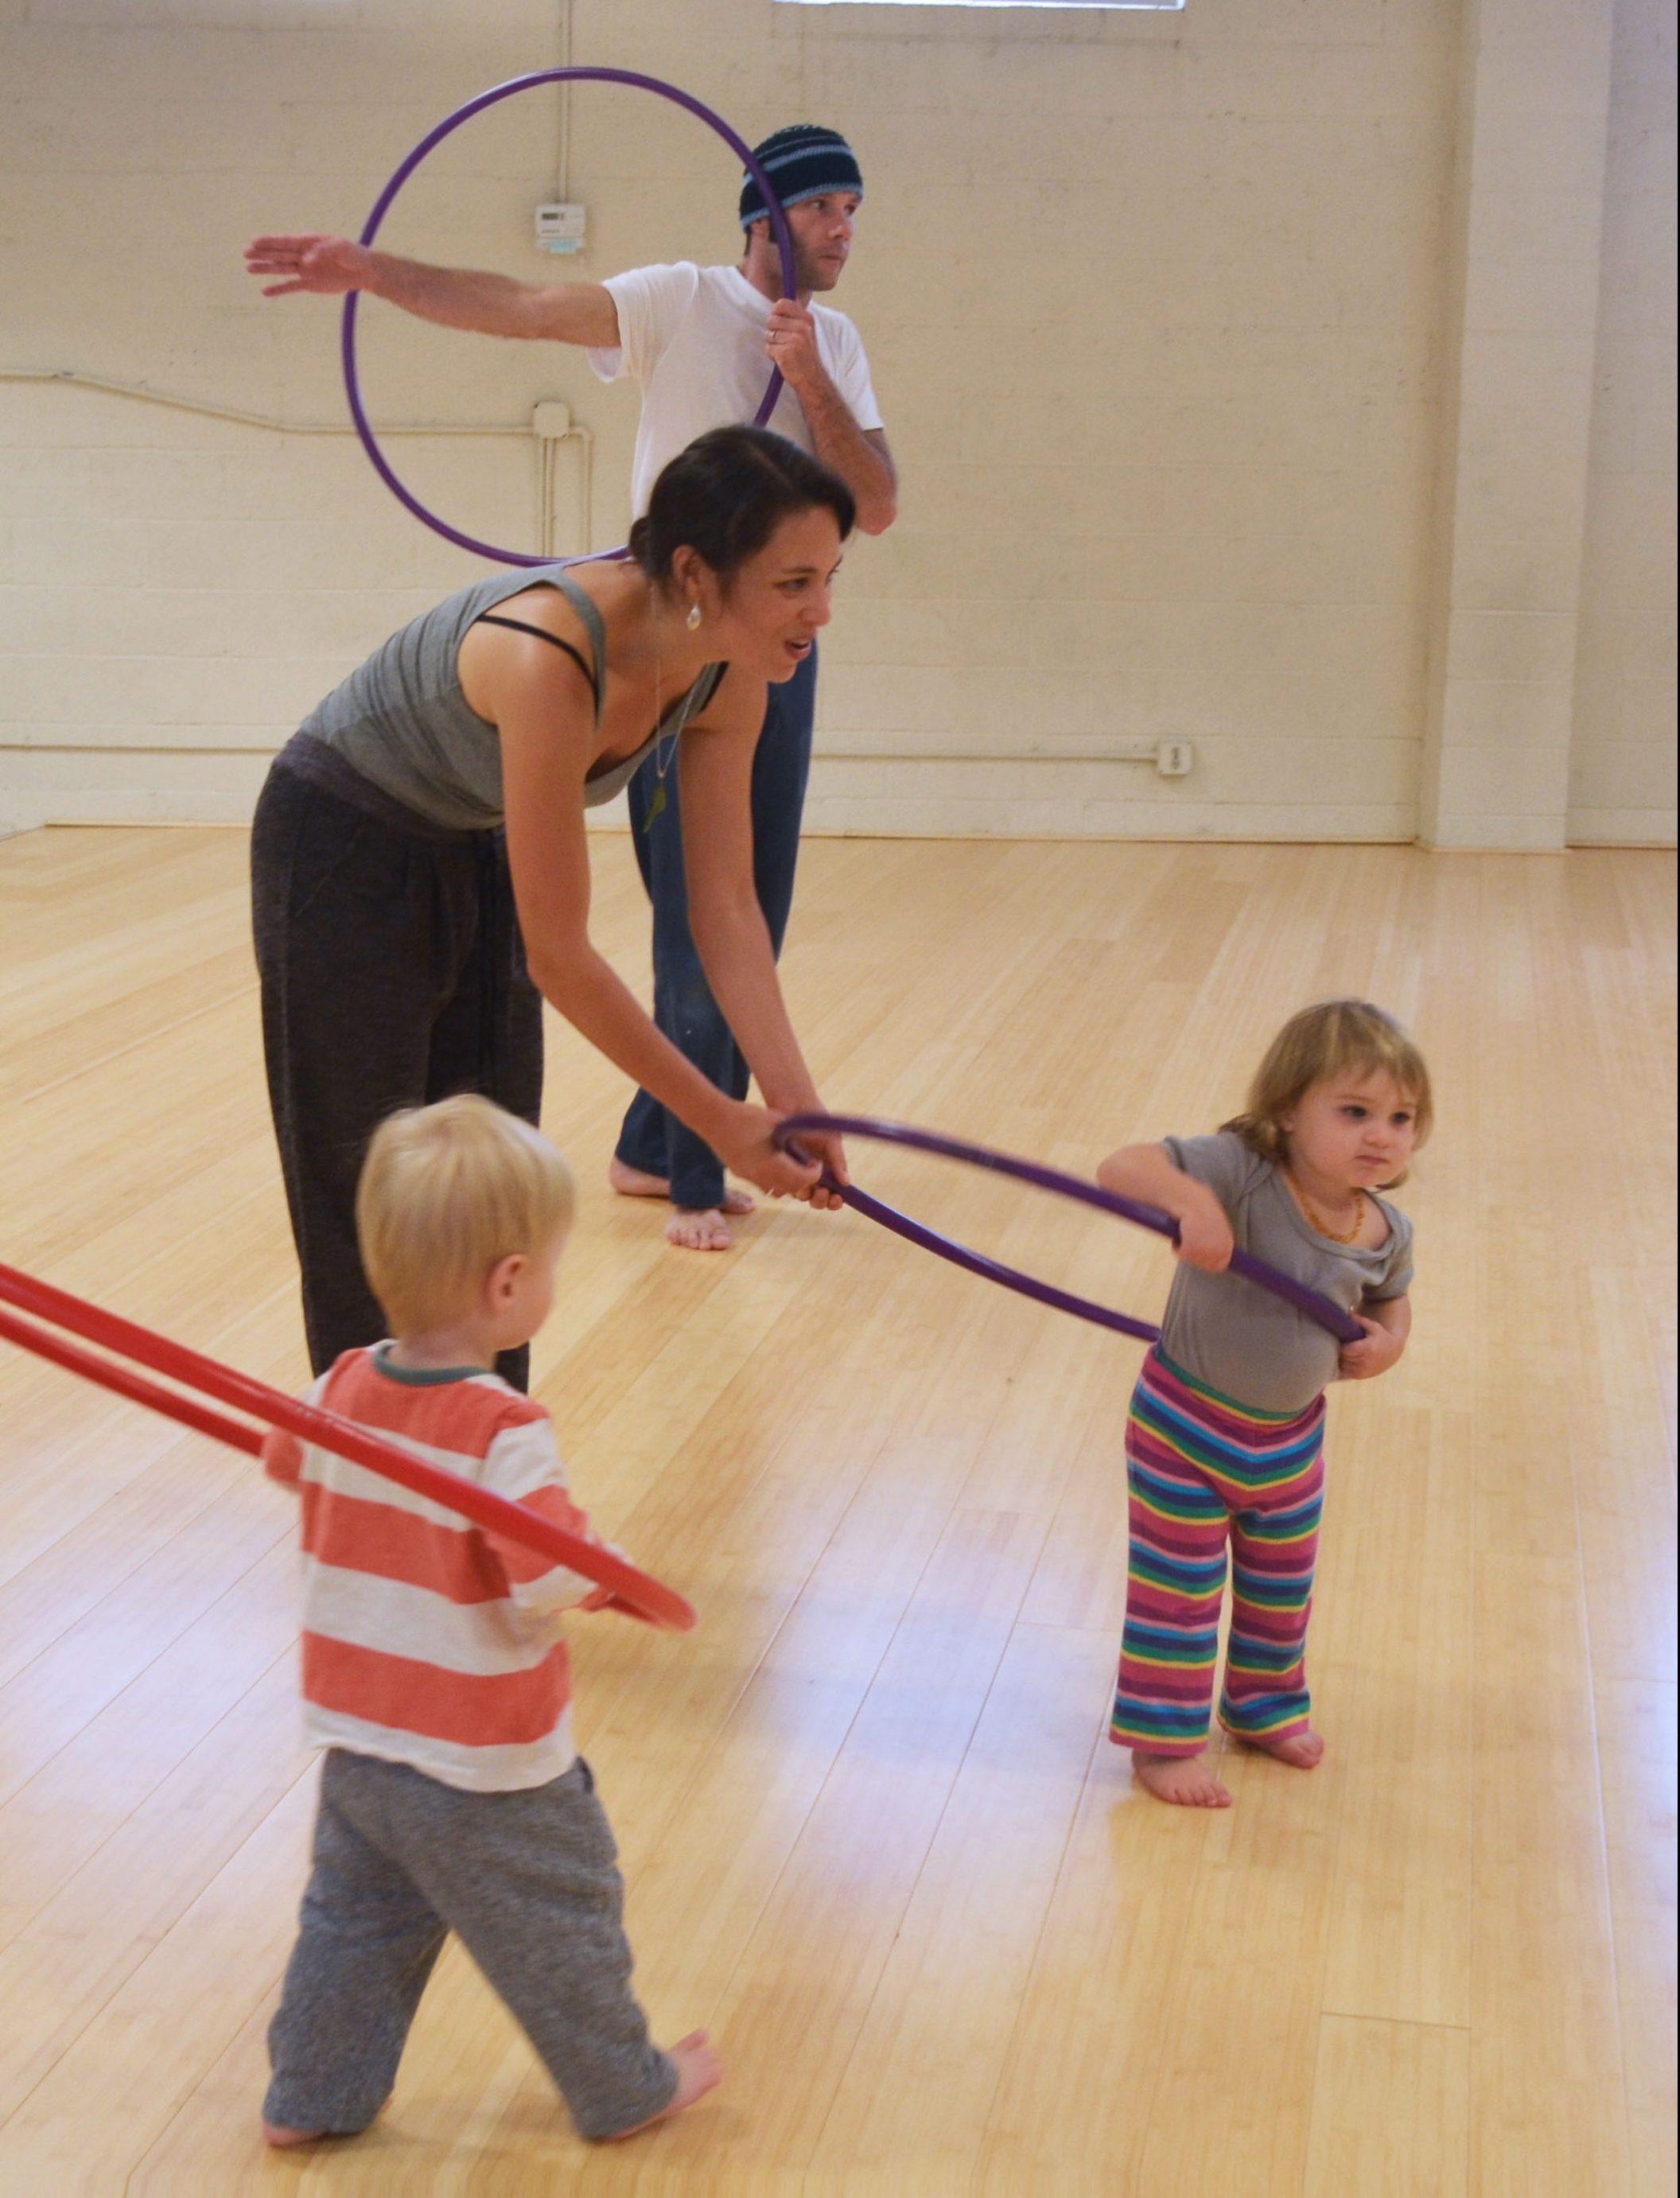 Mom-dad-hula-hoop-e1486021239962.jpg